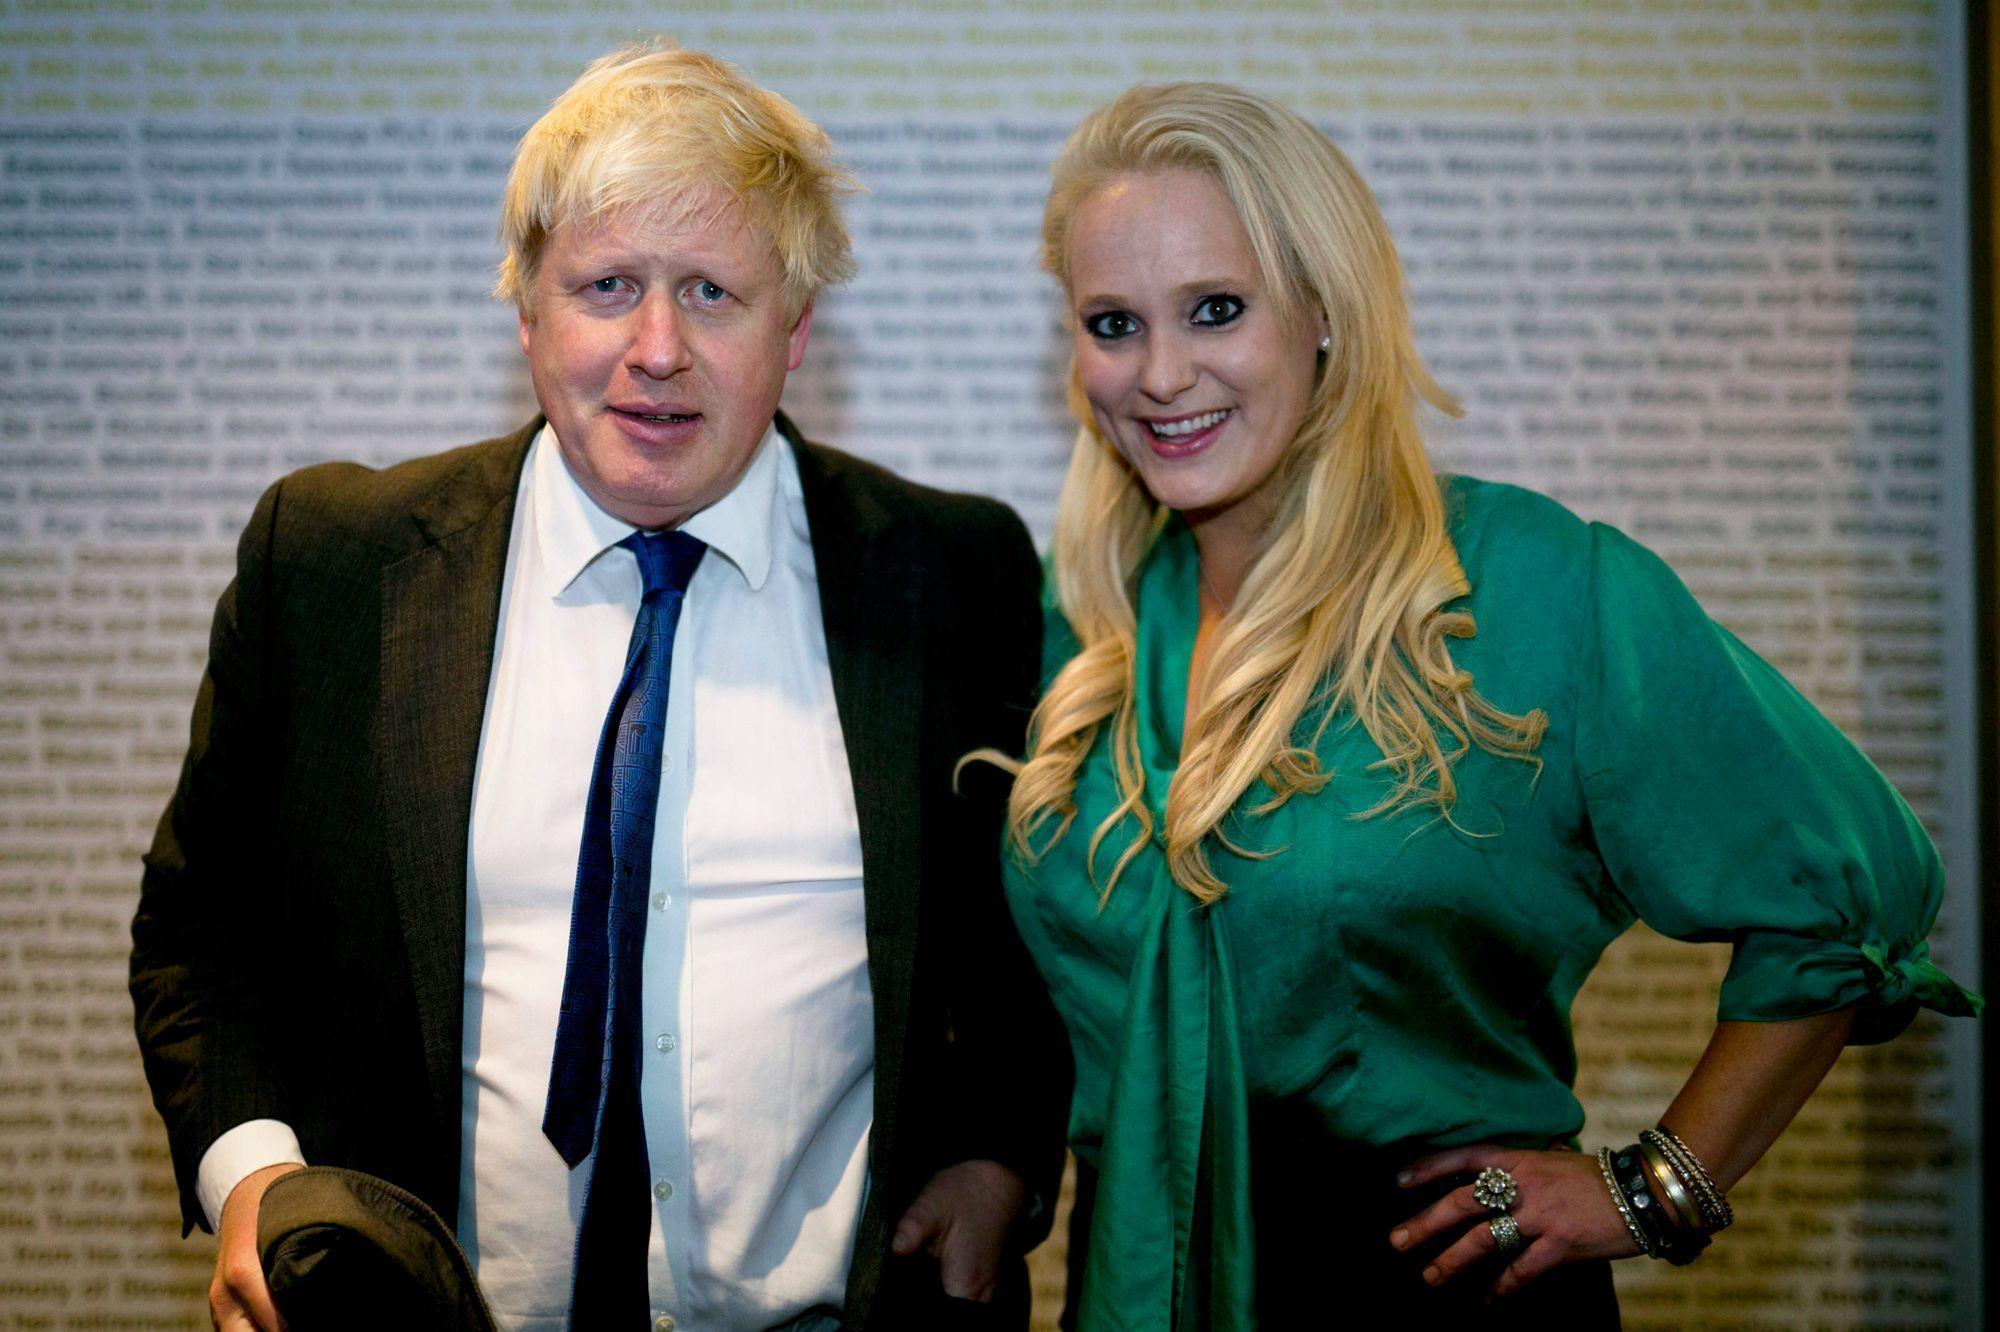 Une femme au coeur d'une affaire embarrassante pour Johnson s'invite dans la campagne